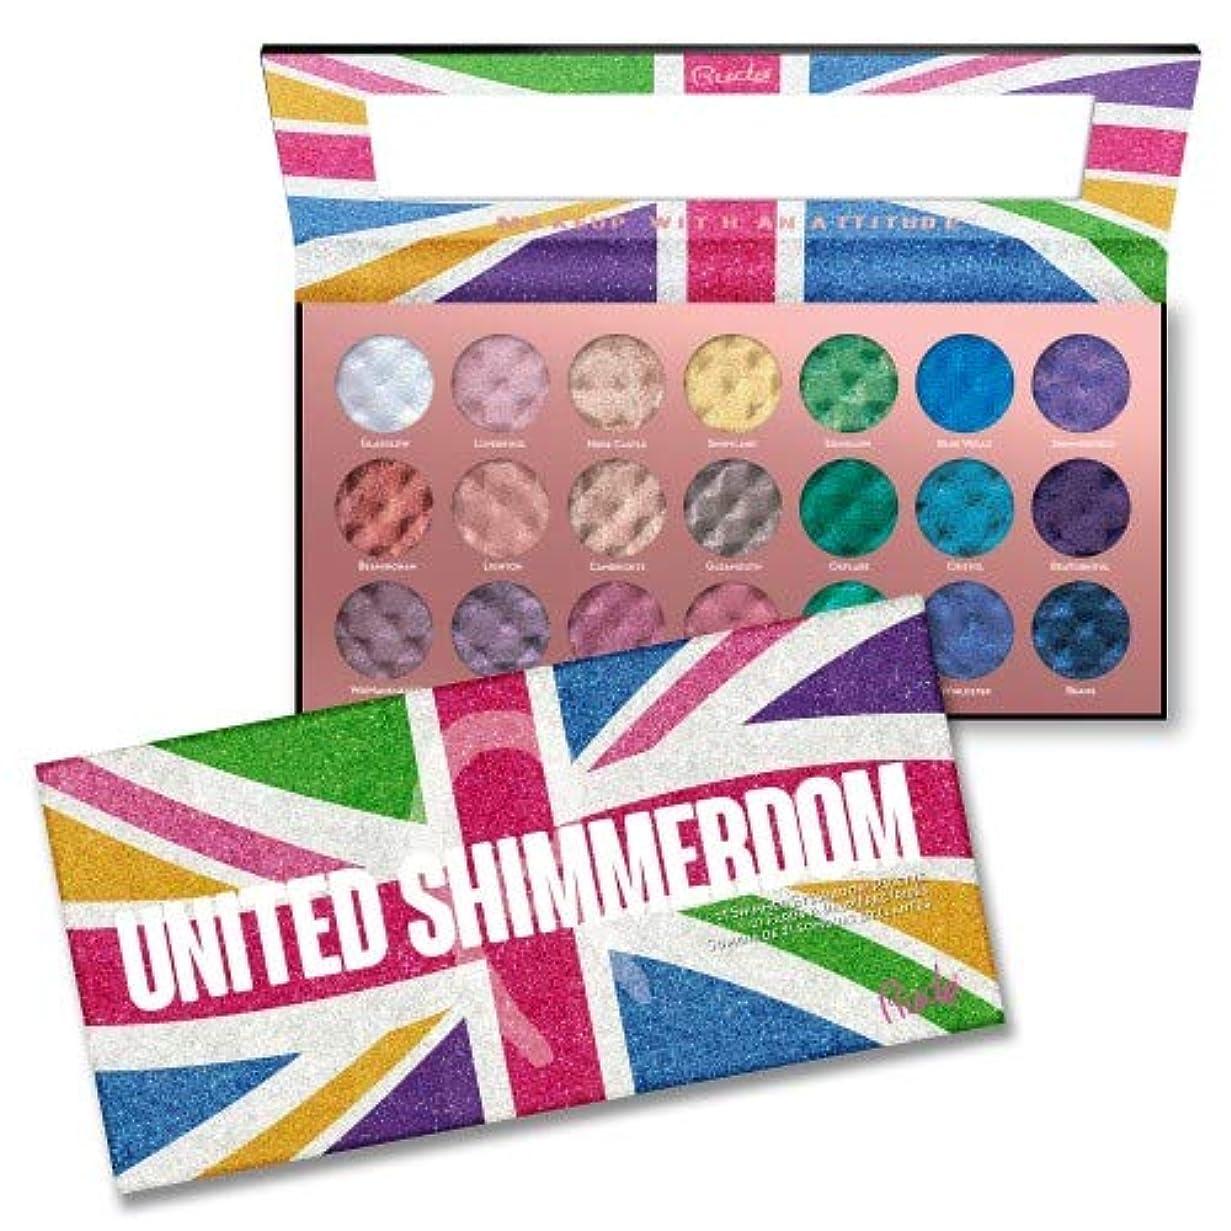 狐タンザニア序文(3 Pack) RUDE United Shimmerdom - 21 Shimmer Eyeshadow Palette (並行輸入品)